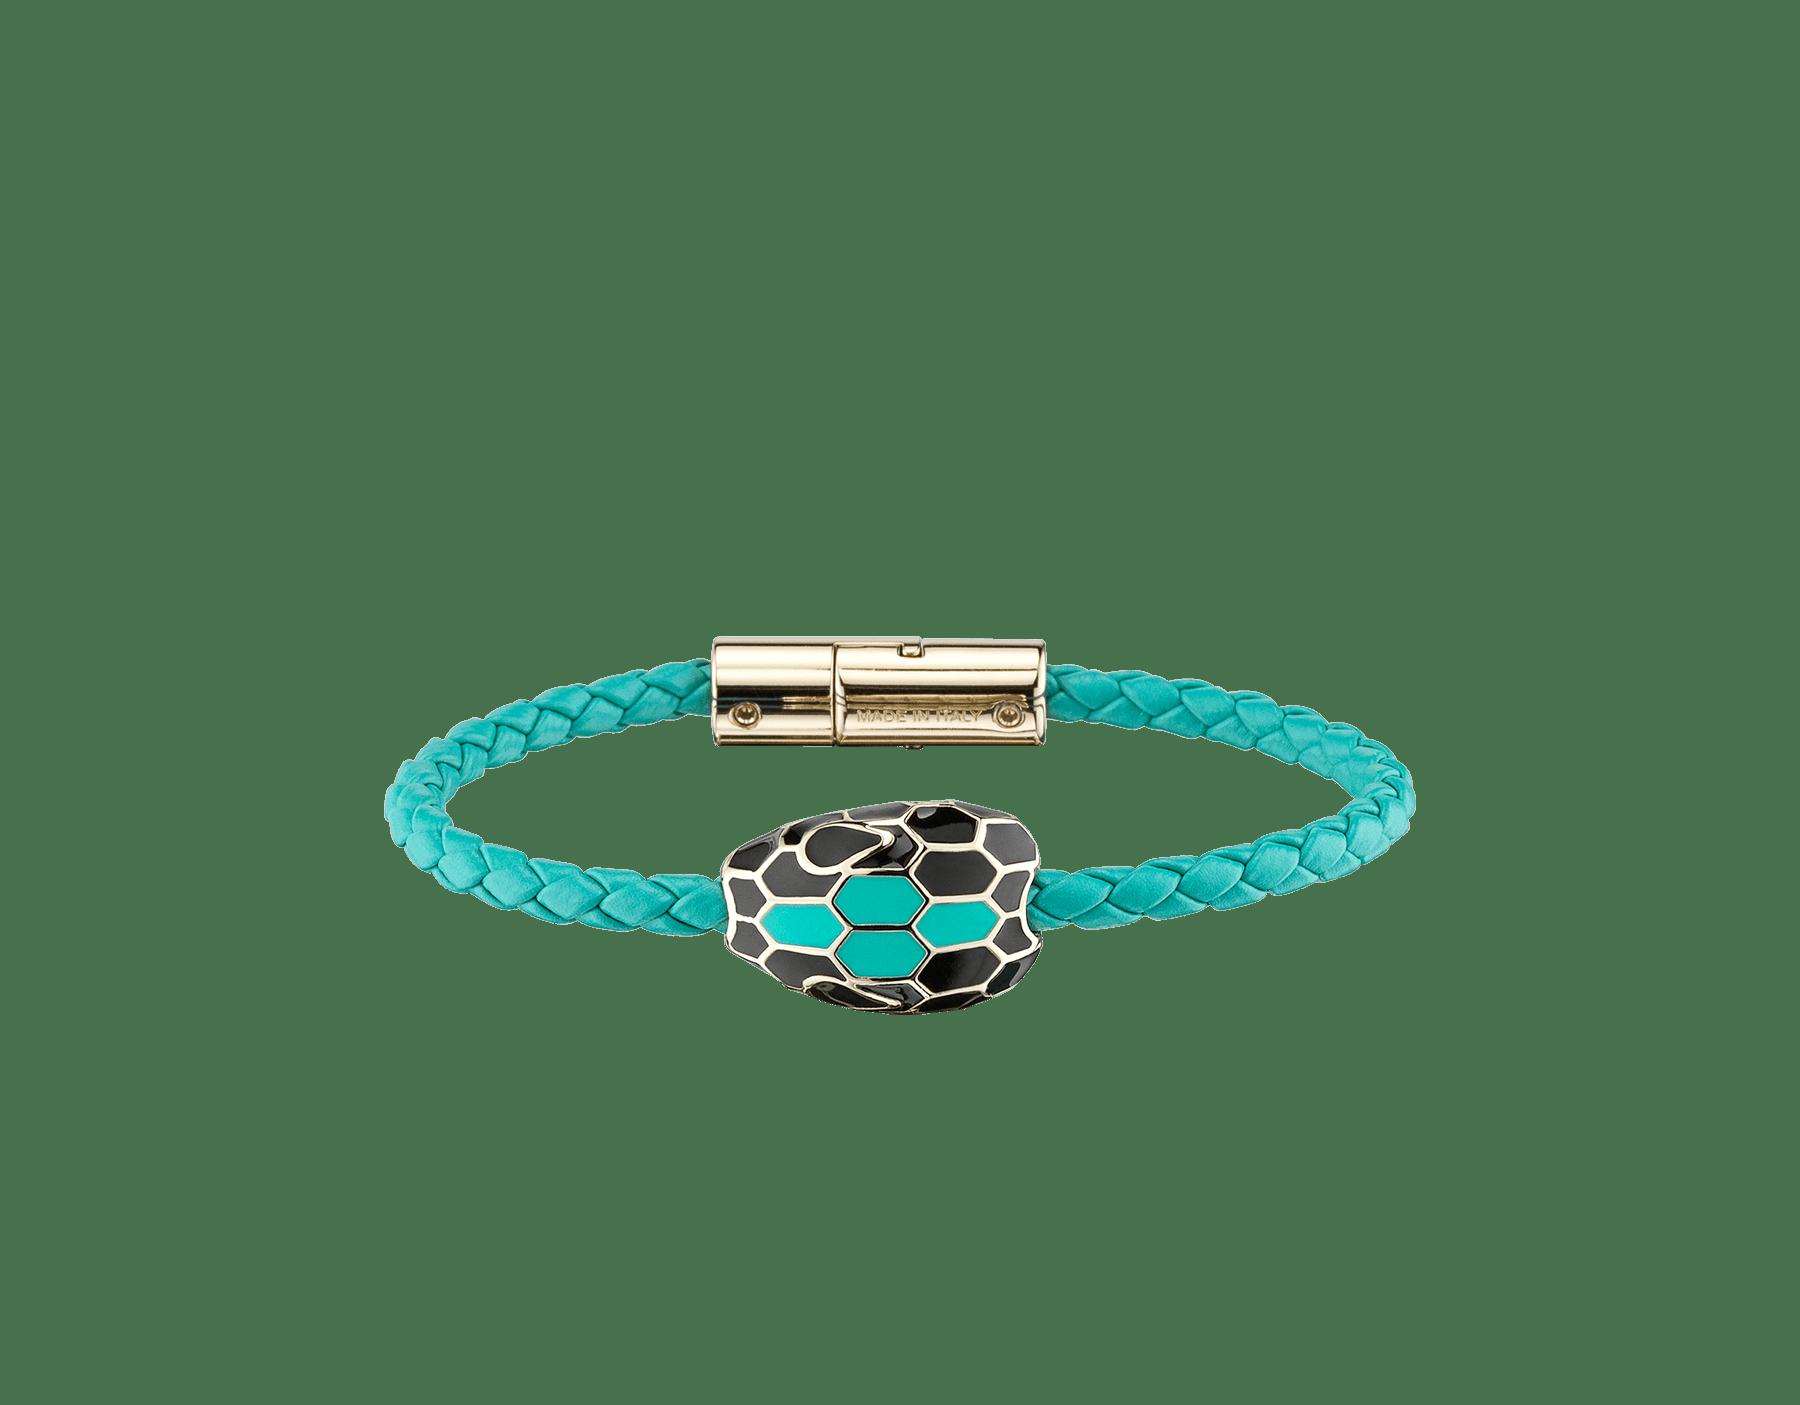 Pulsera trenzada Serpenti Forever en piel de becerro tejida color jade ártico con un emblemático motivo de cabeza de serpiente en esmalte negro y color jade ártico. 289172 image 1